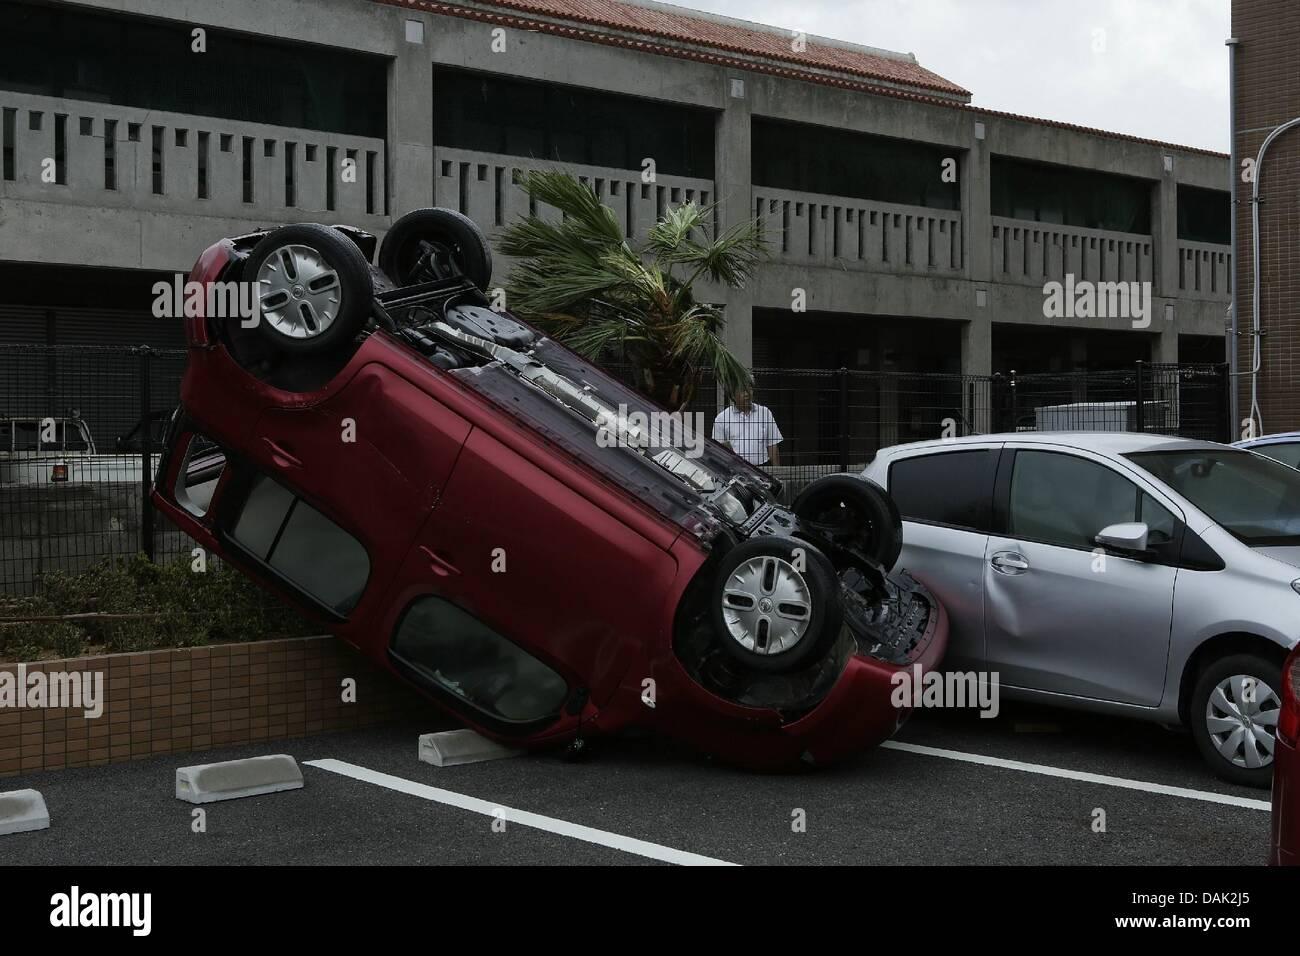 July 13 2013 Ishigaki Okinawa Japan Cars Are Damaged By